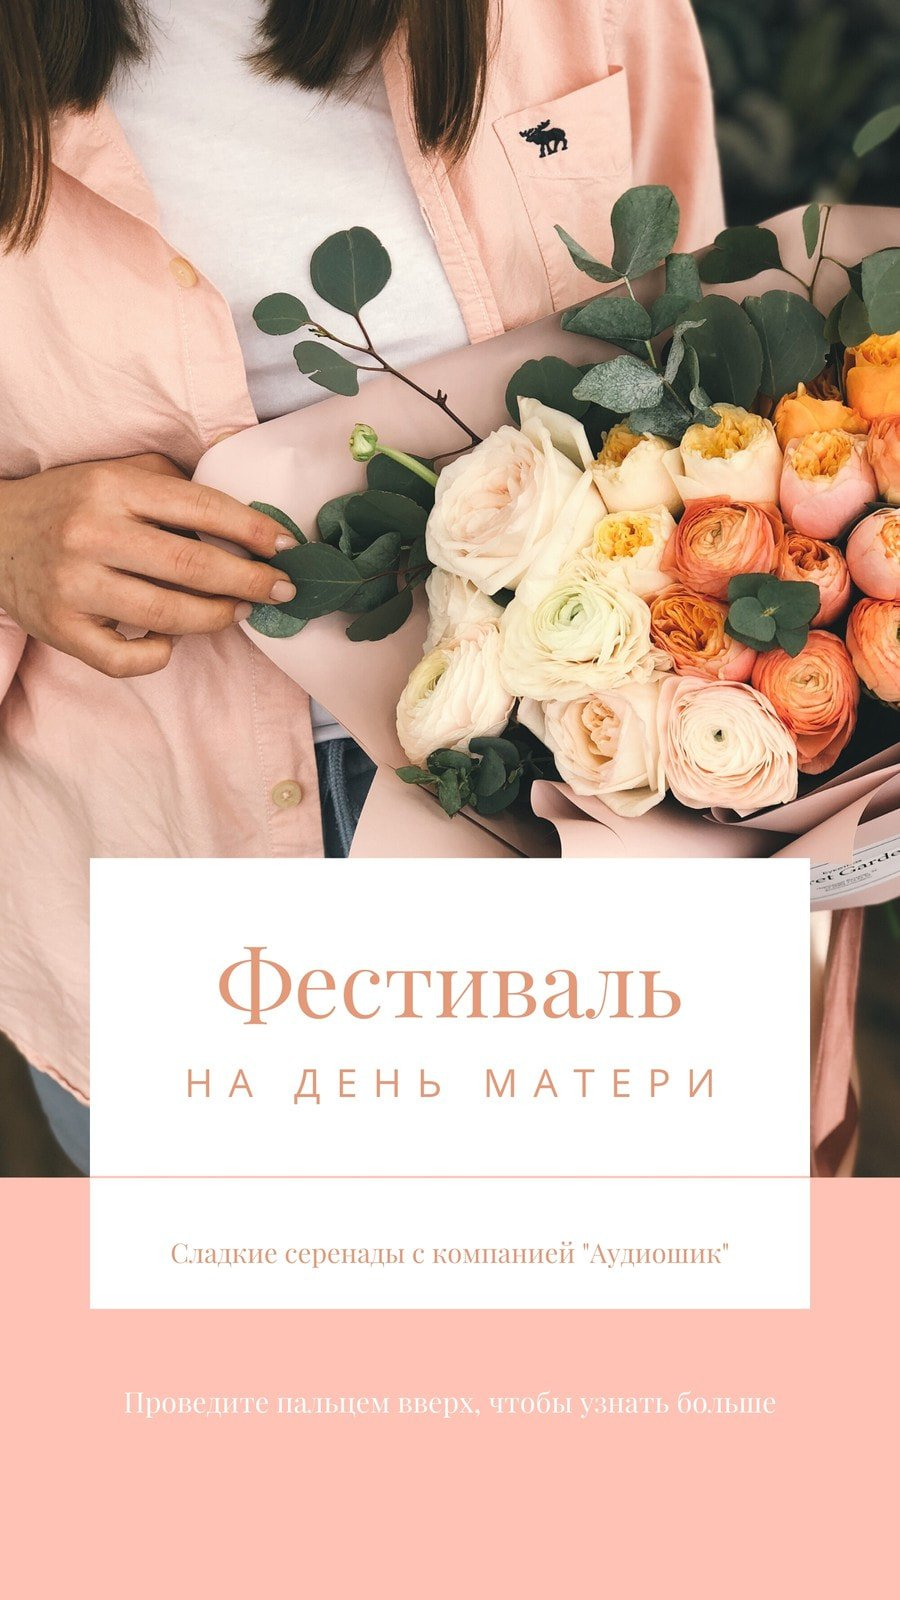 Розовая День Матери История в Instagram